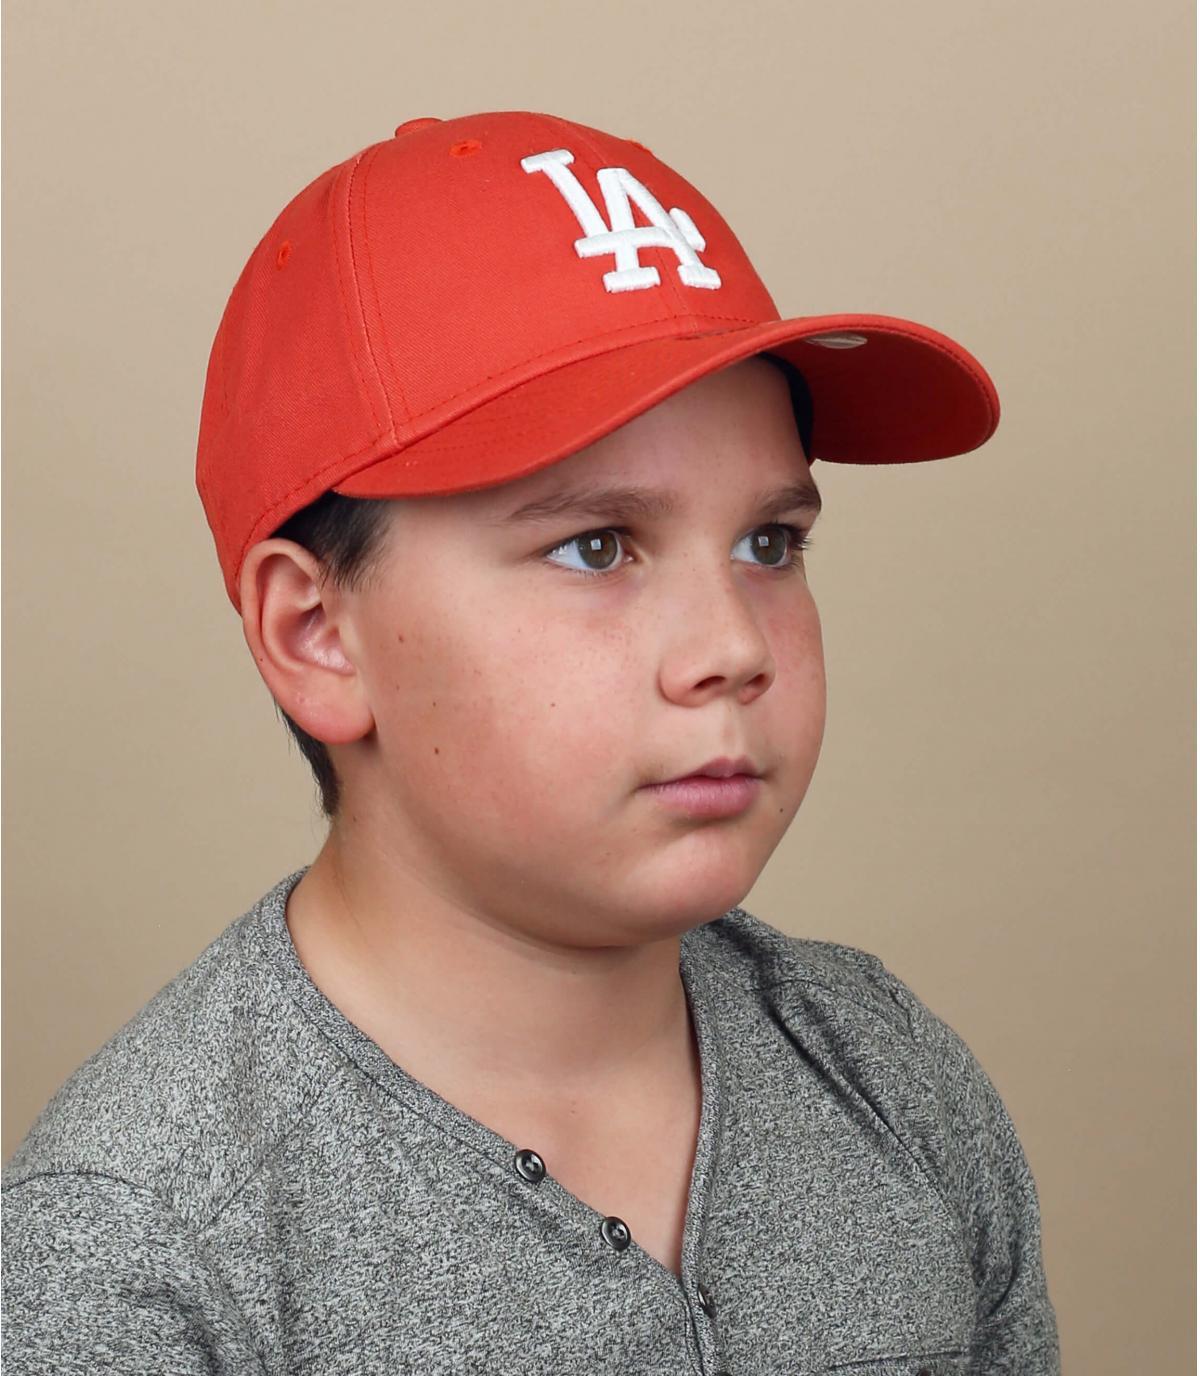 cappellino per bambini LA rosso